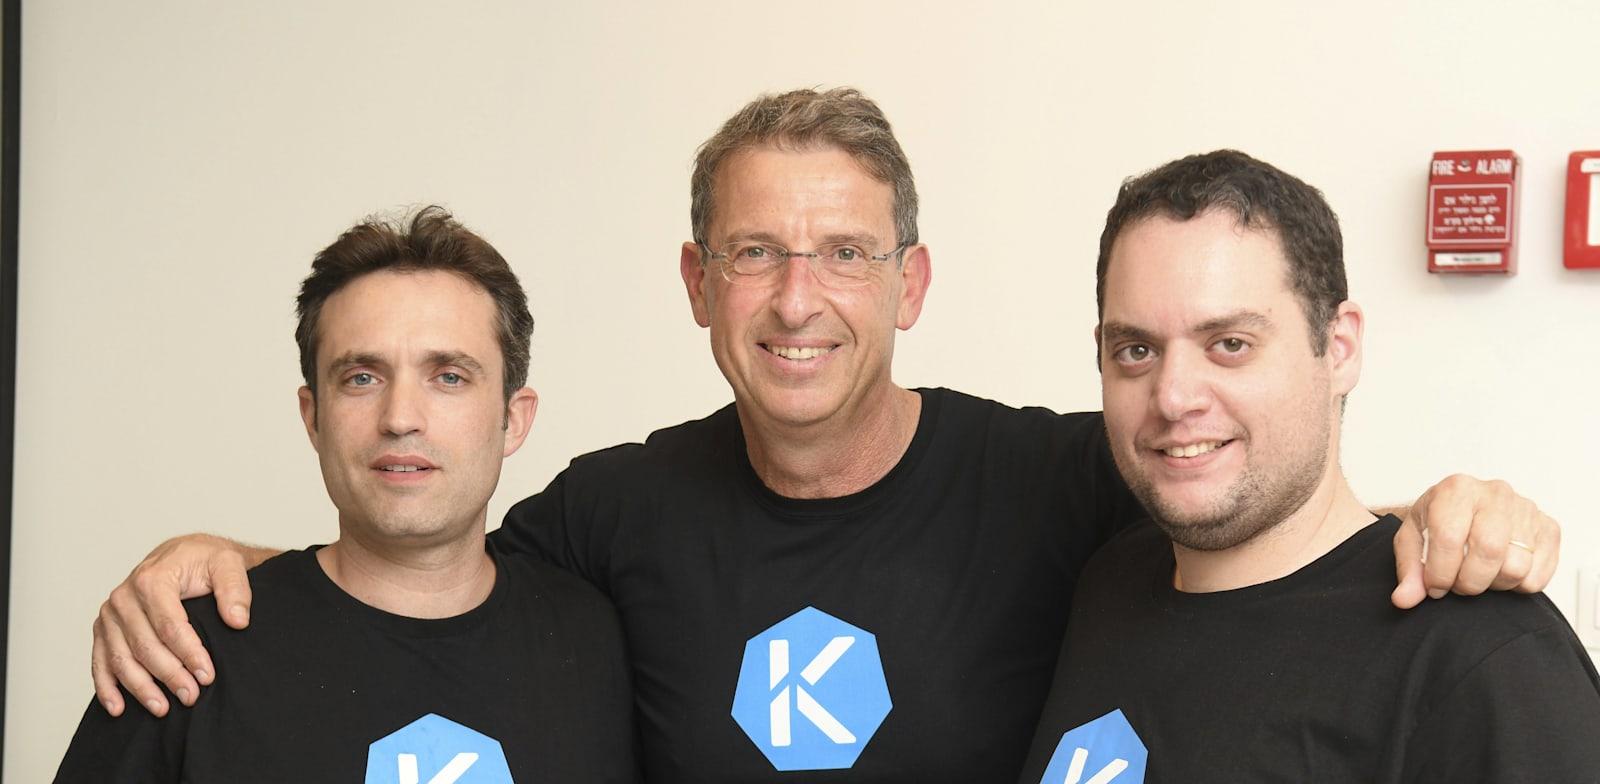 TripleW team Photo: Yuval Levy